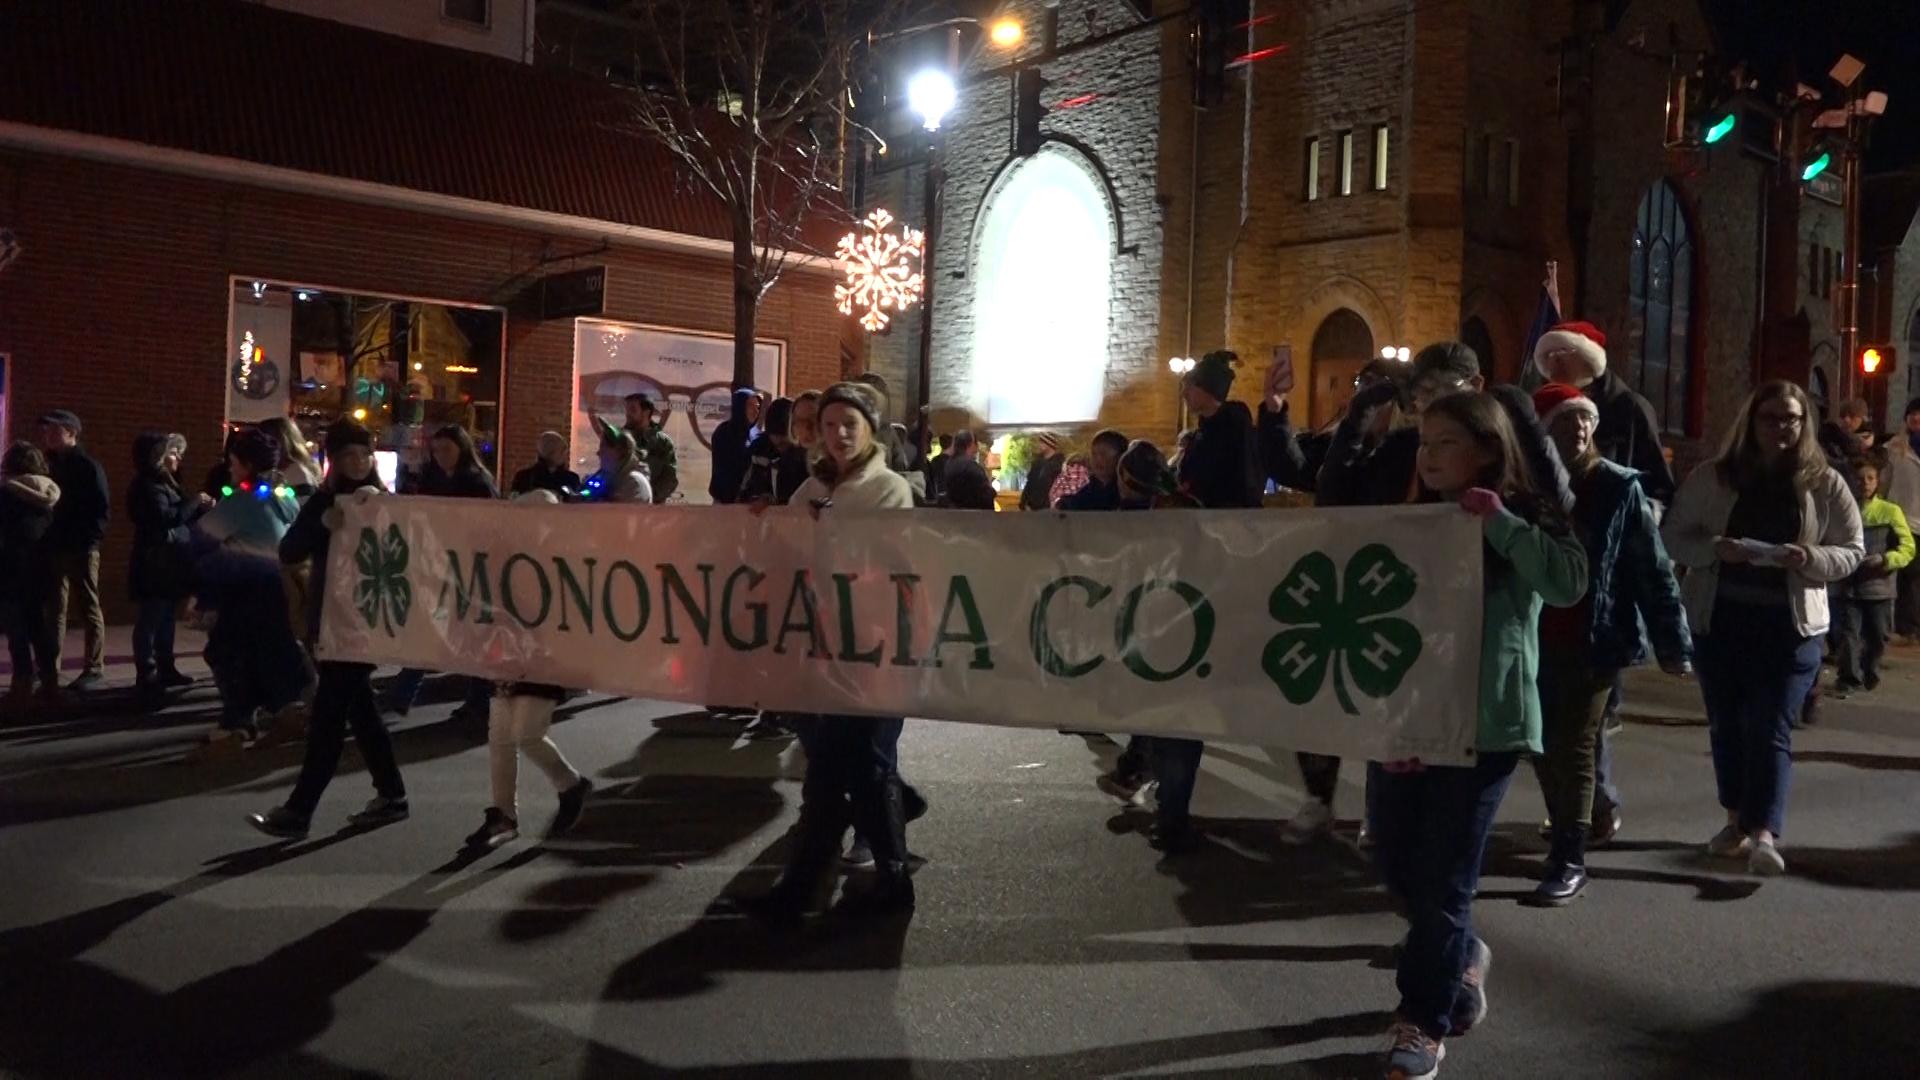 Morgantown Christmas Parade 2020 Morgantown hosts its annual Christmas parade | WBOY.com